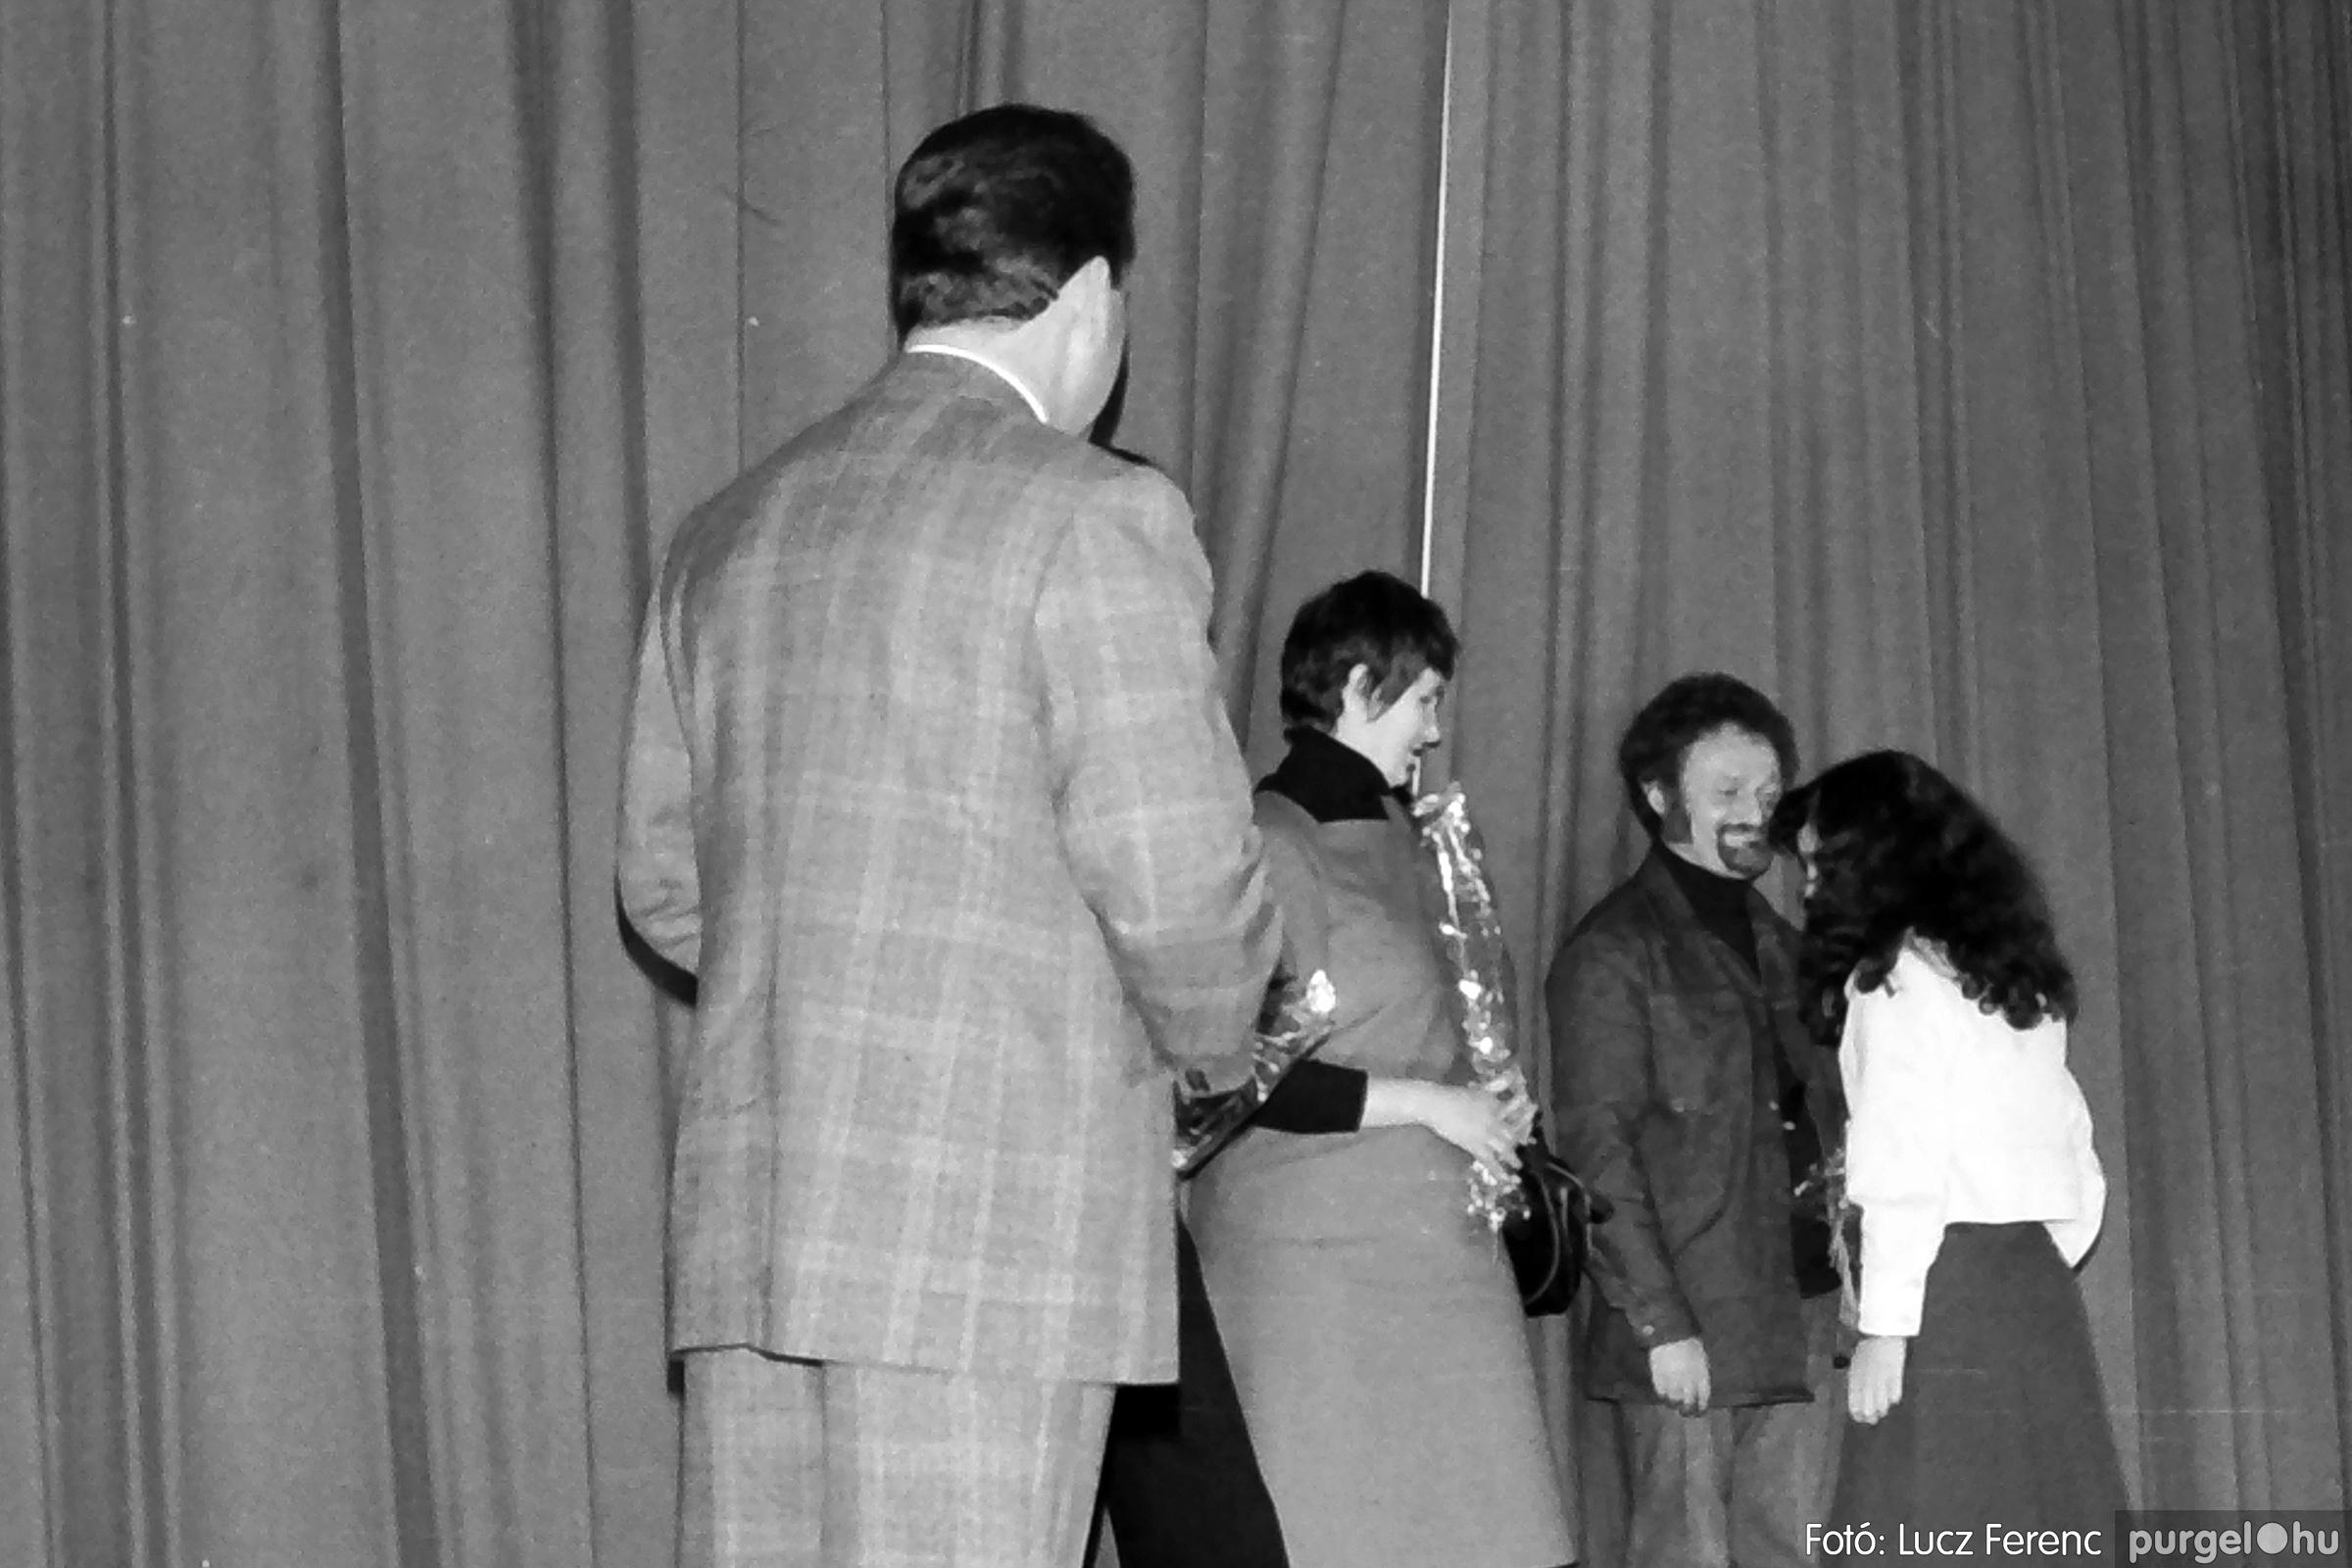 066-067. 1976. A Herkulesfürdői emlék című film ősbemutatója Szegváron 012. - Fotó: Lucz Ferenc.jpg